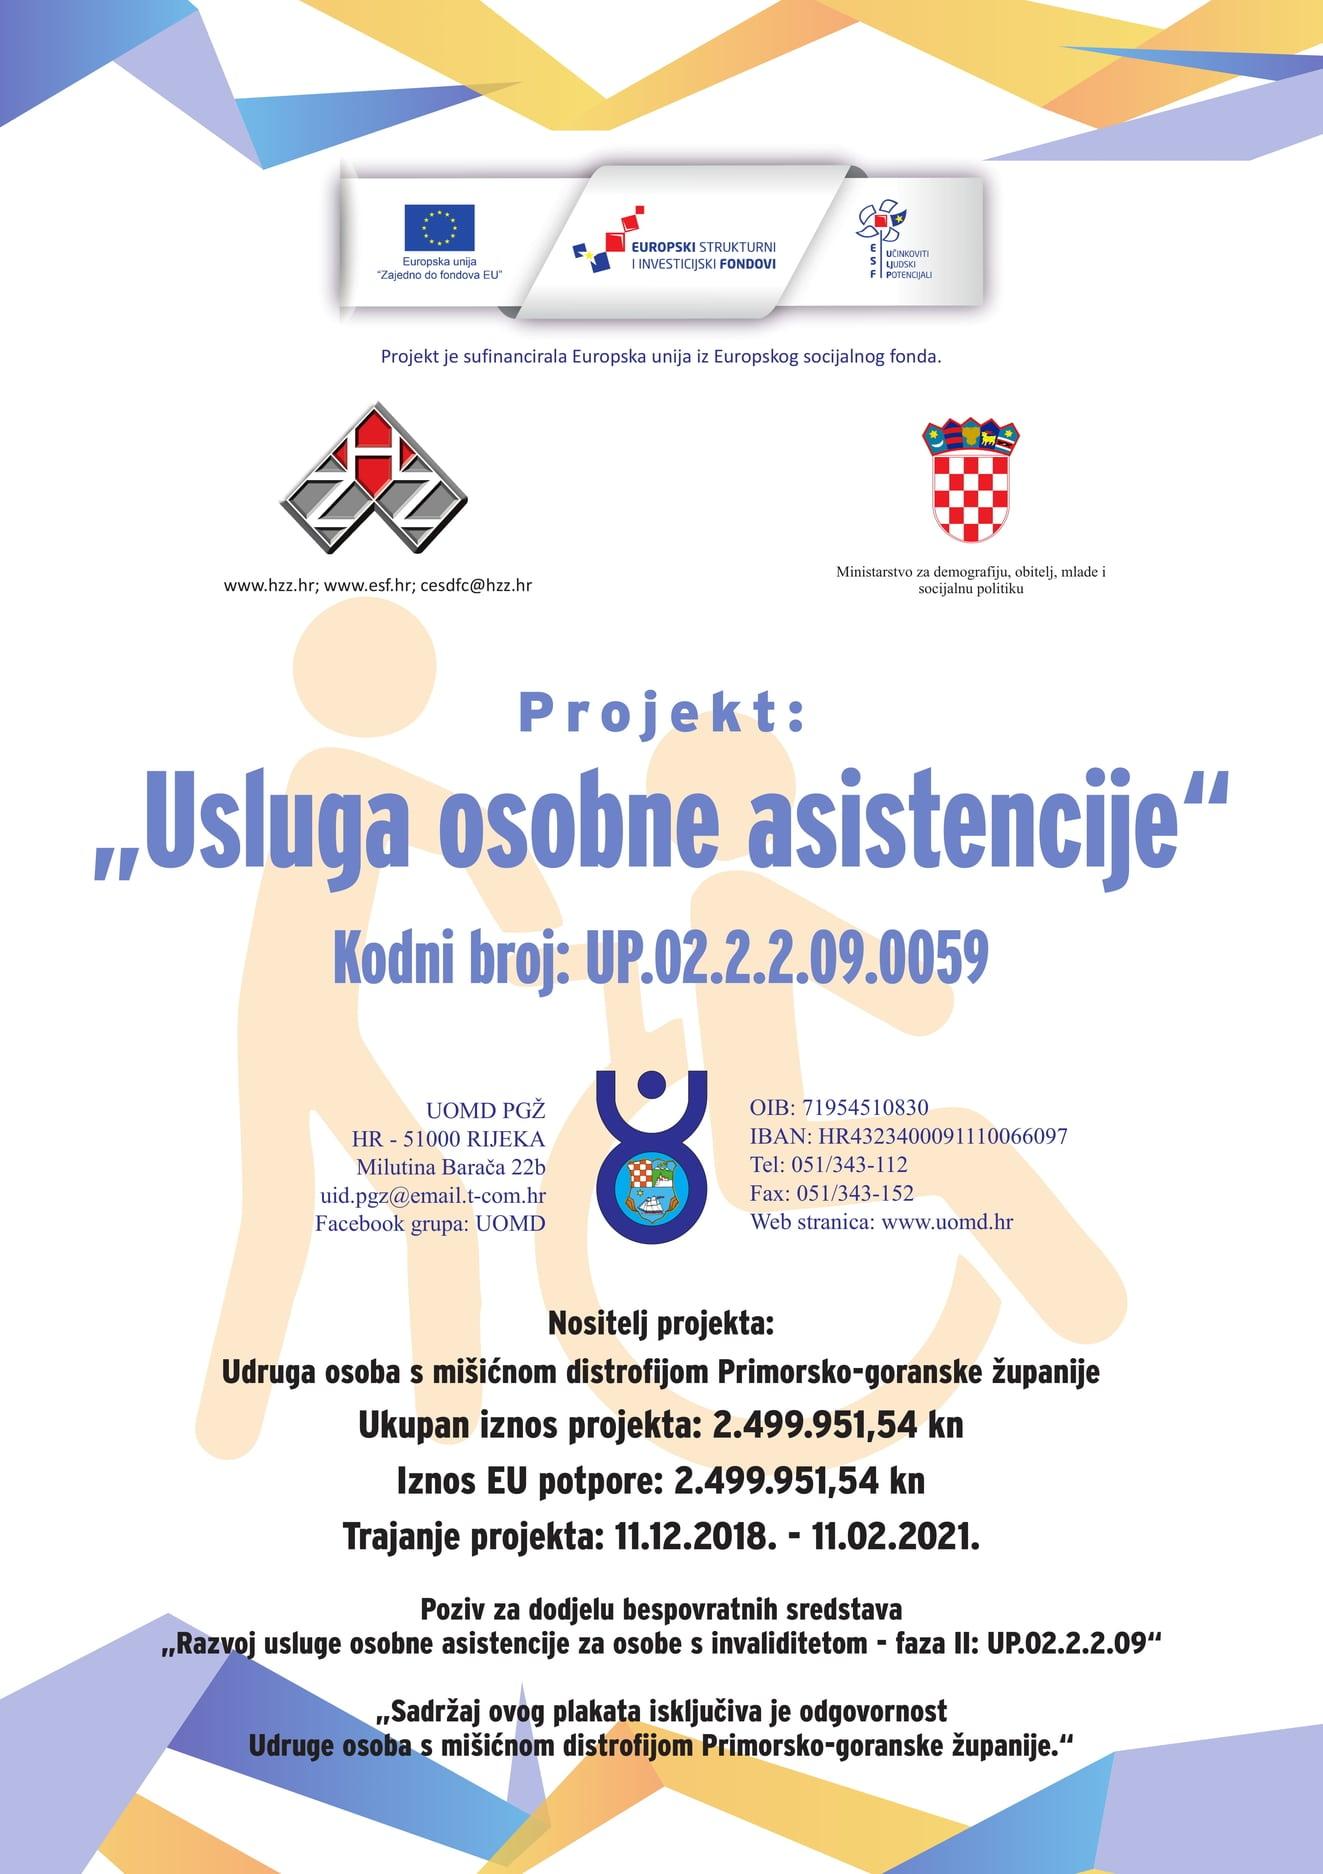 ASISTENCIJA-PLAKAT-2019-1-uomd